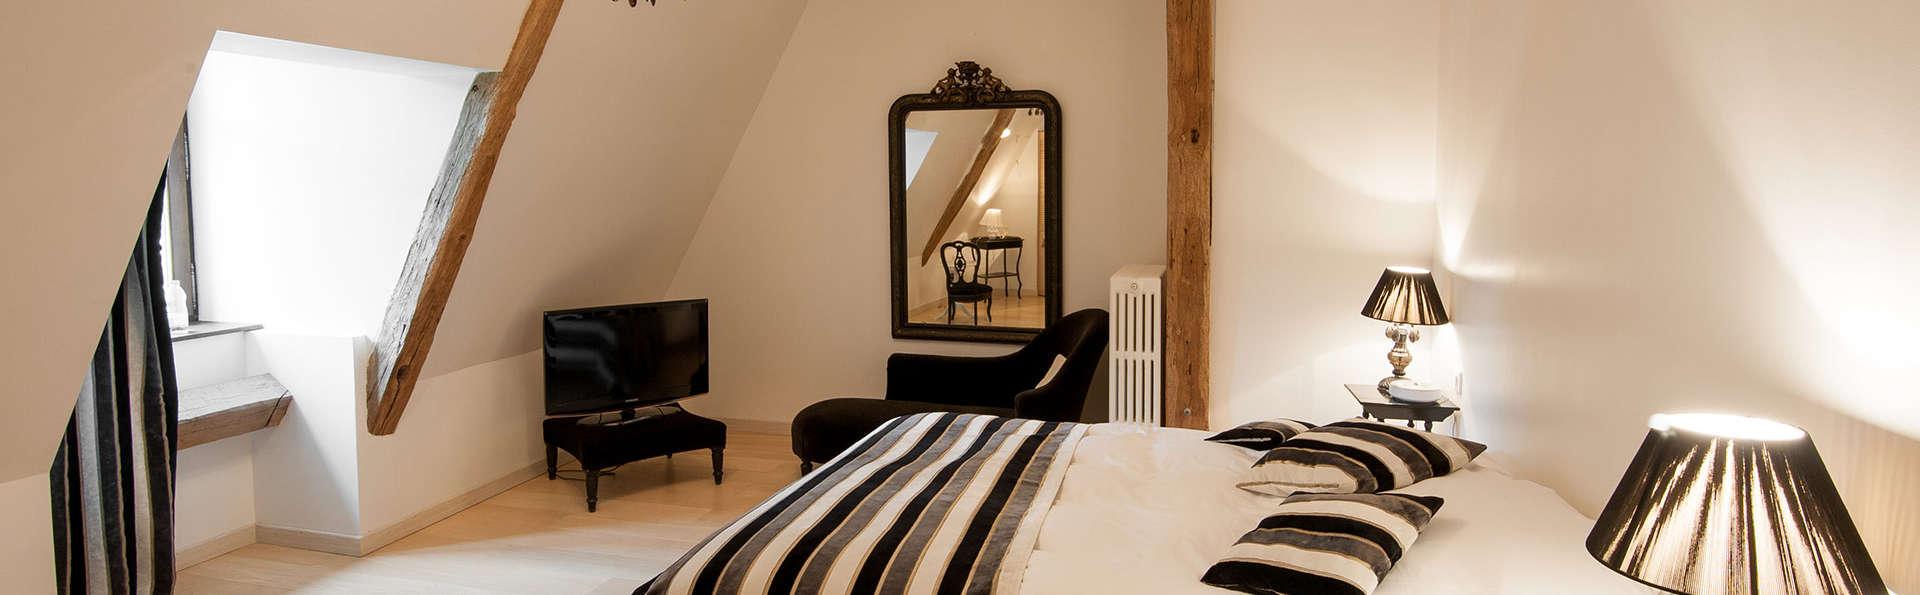 Château le Sallay - EDIT_room1.jpg